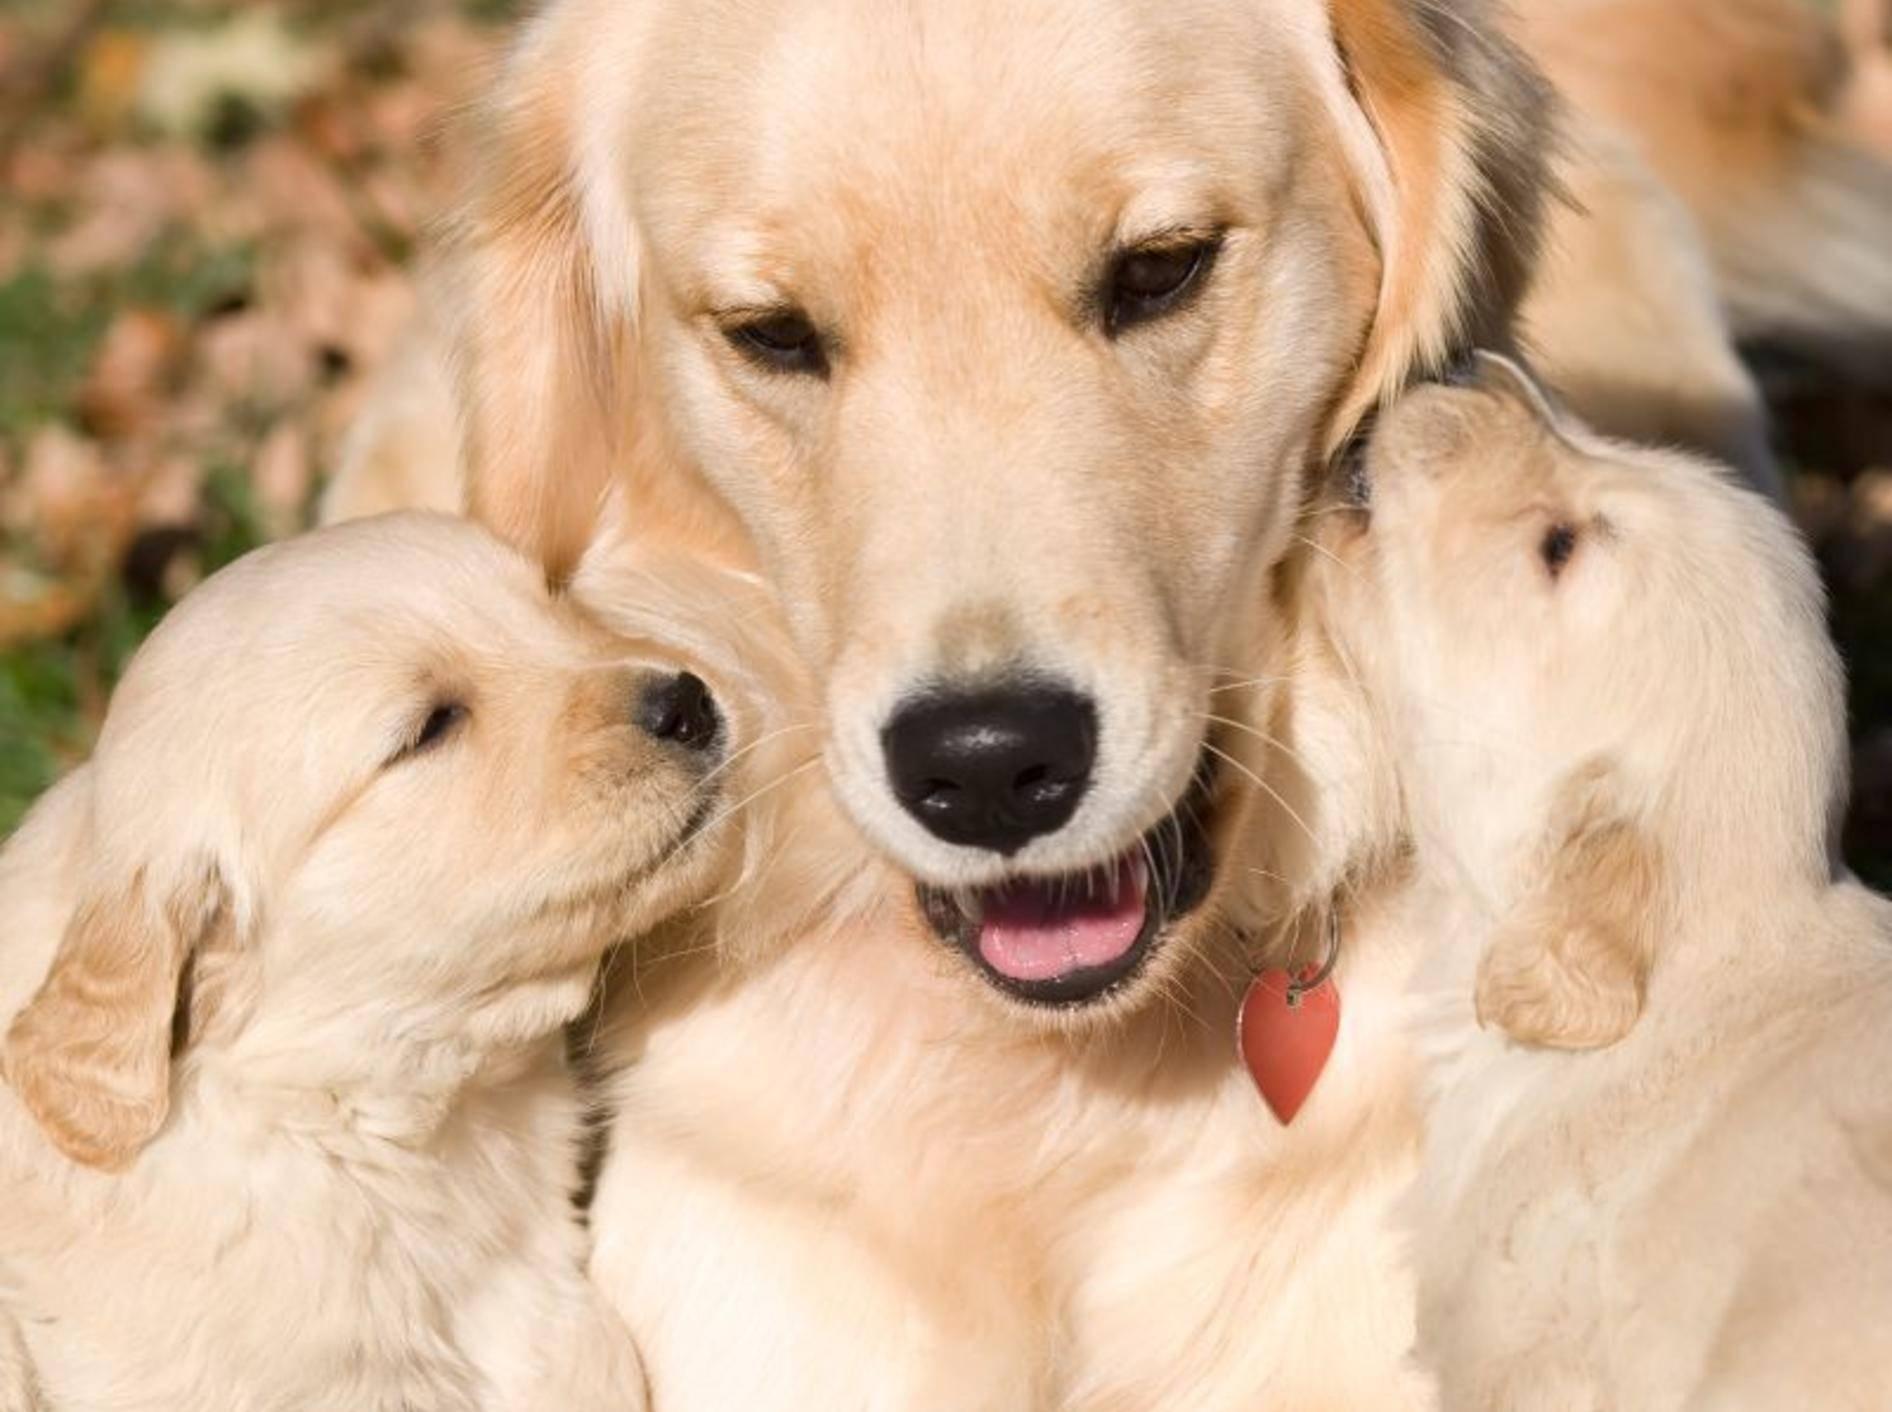 Kuscheln mit Mama: Diese Golden-Retriever-Welpen sind noch ganz klein – Bild: Shutterstock / vahamrick